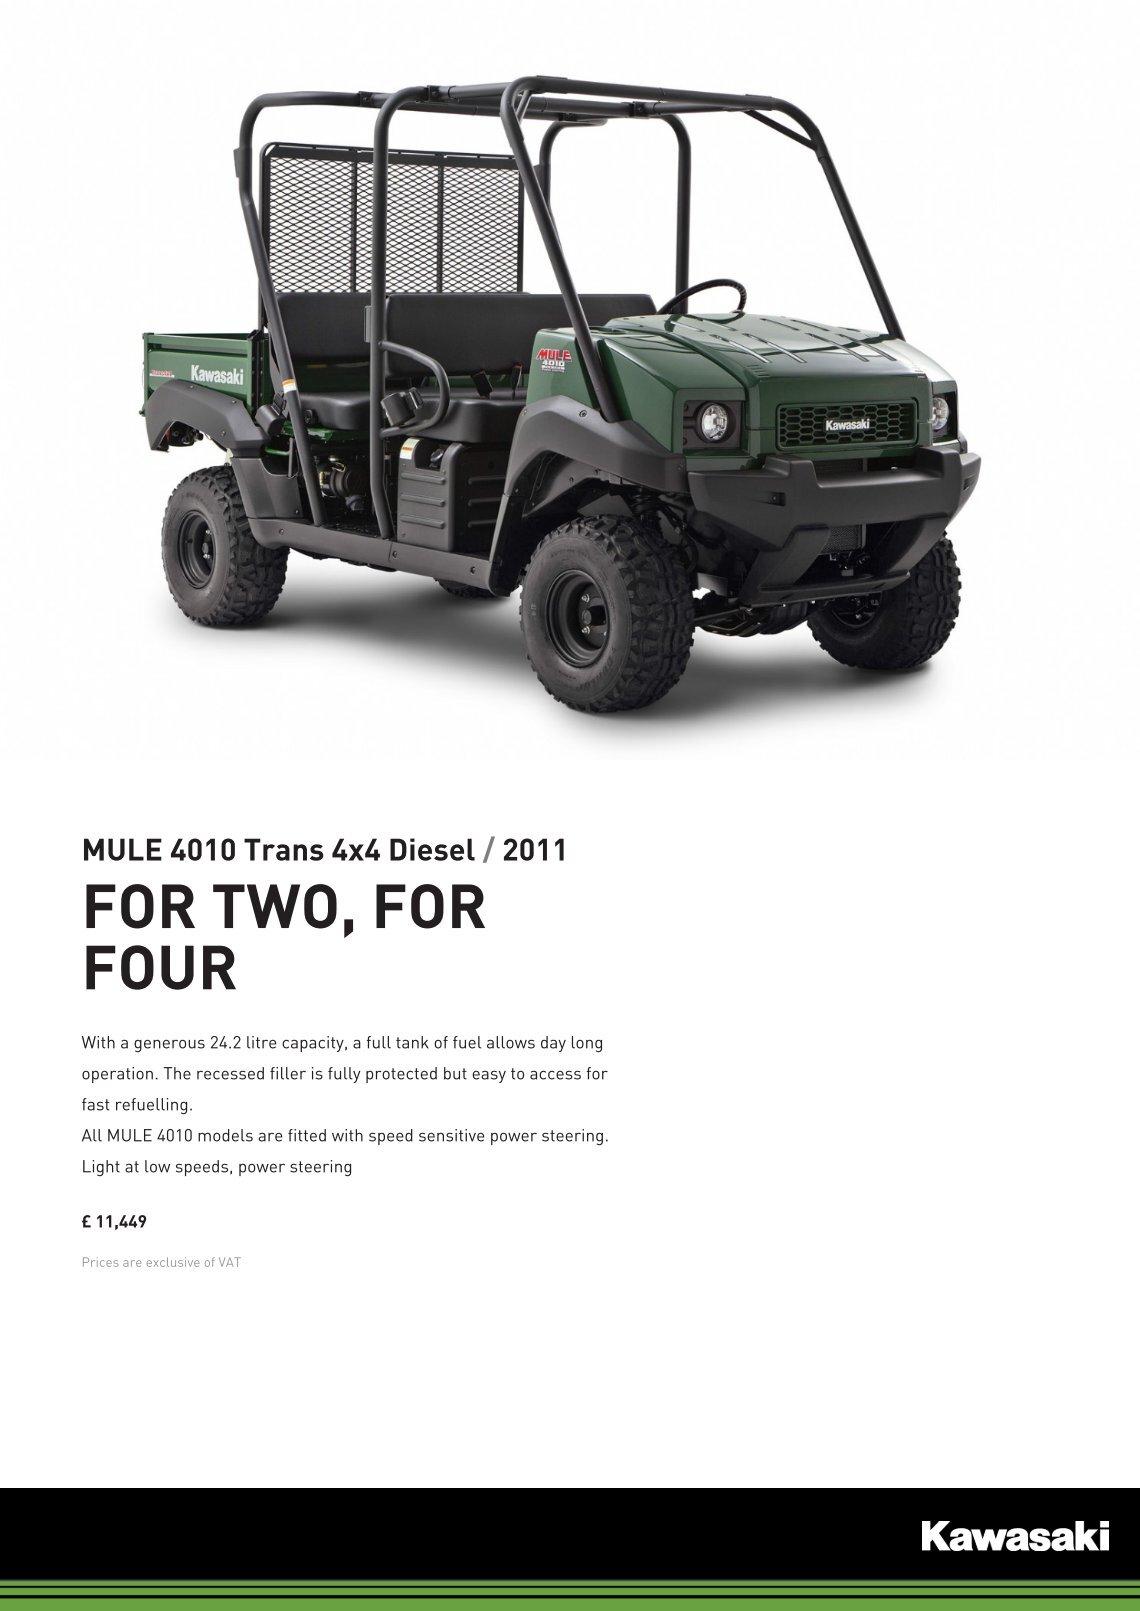 Kawasaki Diesel Mule Wiring Diagram Data Diagrams 2510 2011 4010 Efcaviation Com 3010